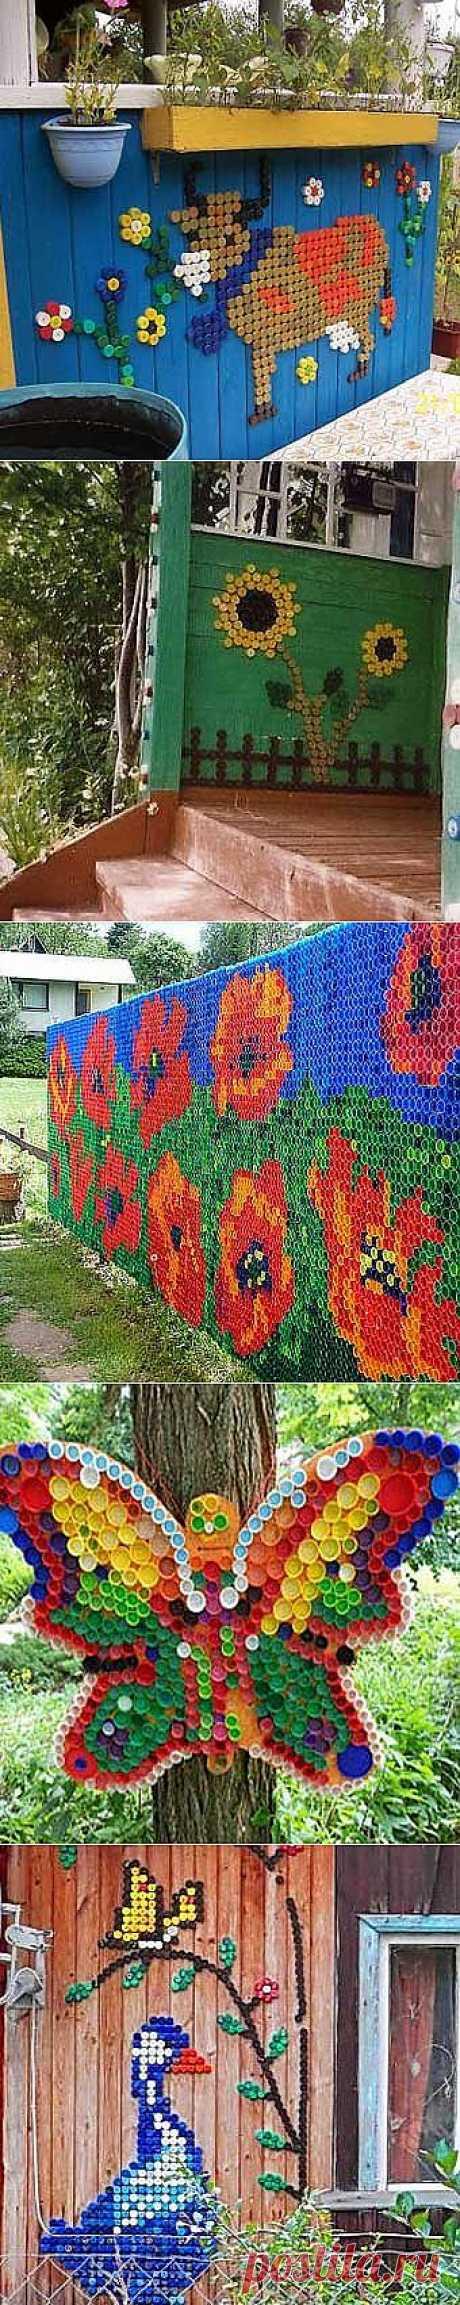 Идеи для дачи своими руками: мозаика из пластиковых крышек - Учимся Делать Все Сами